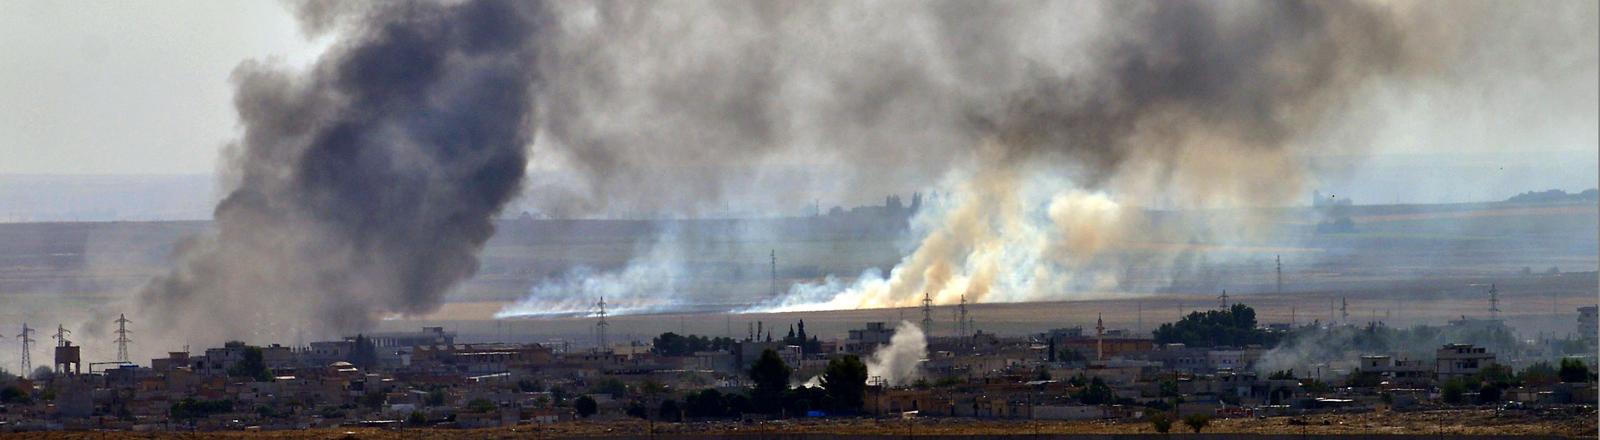 Rauchschwaden steigen auf über einer Stadt an der türkisch-syrischen Grenze